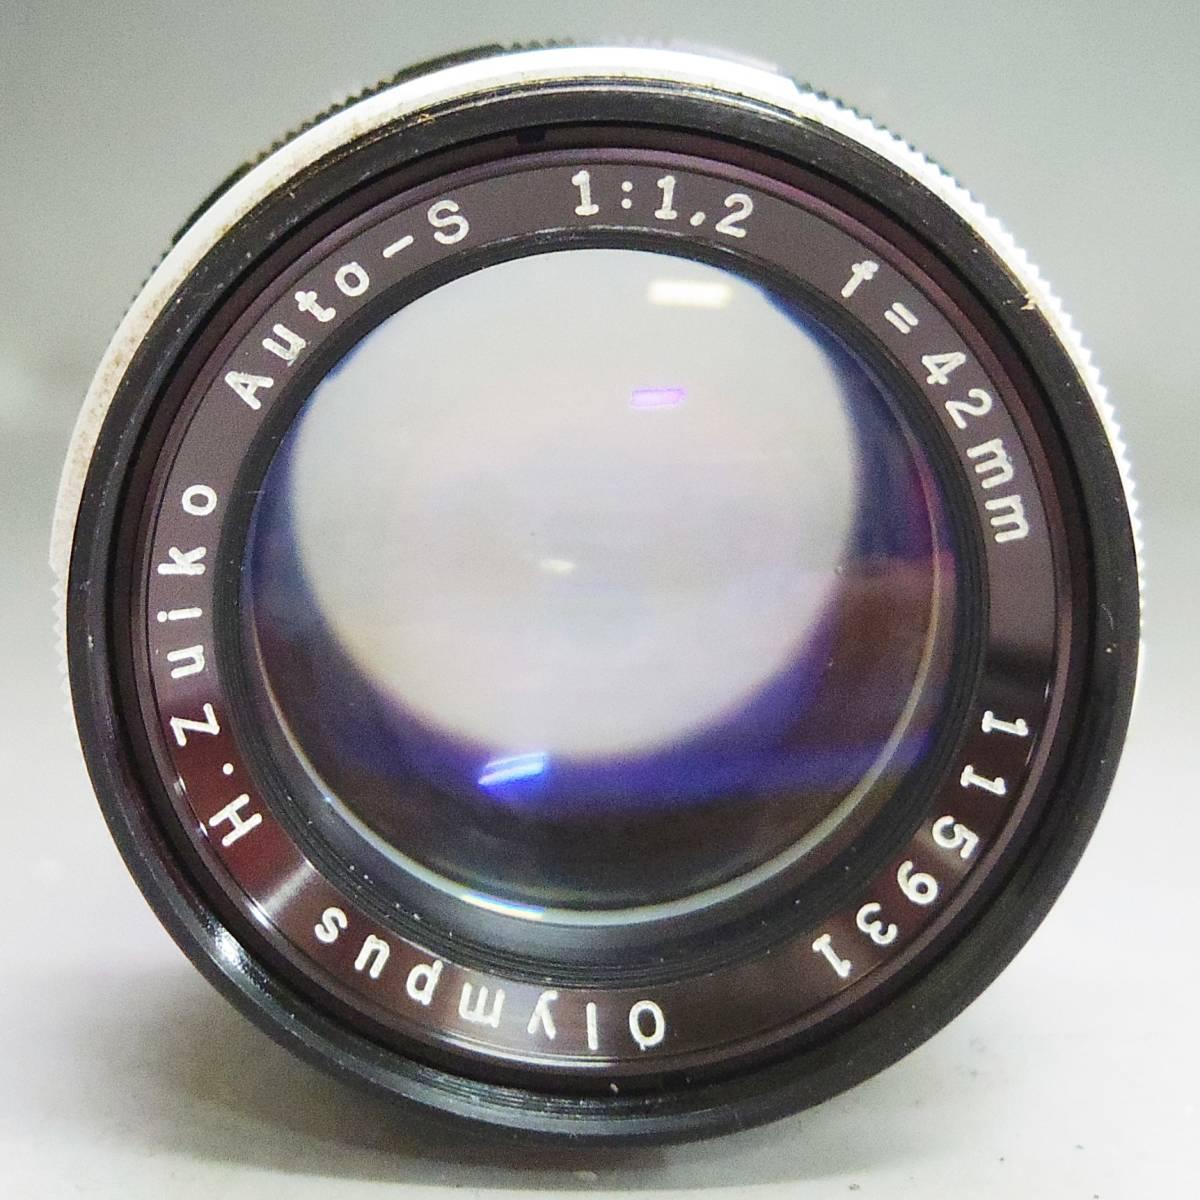 14 08-128864-31 ◇ オリンパス OLYMPUS PEN FT フィルムカメラ レンズ H.ZUIKO AUTO-S 1:1.2 f=42mm 神08_画像5